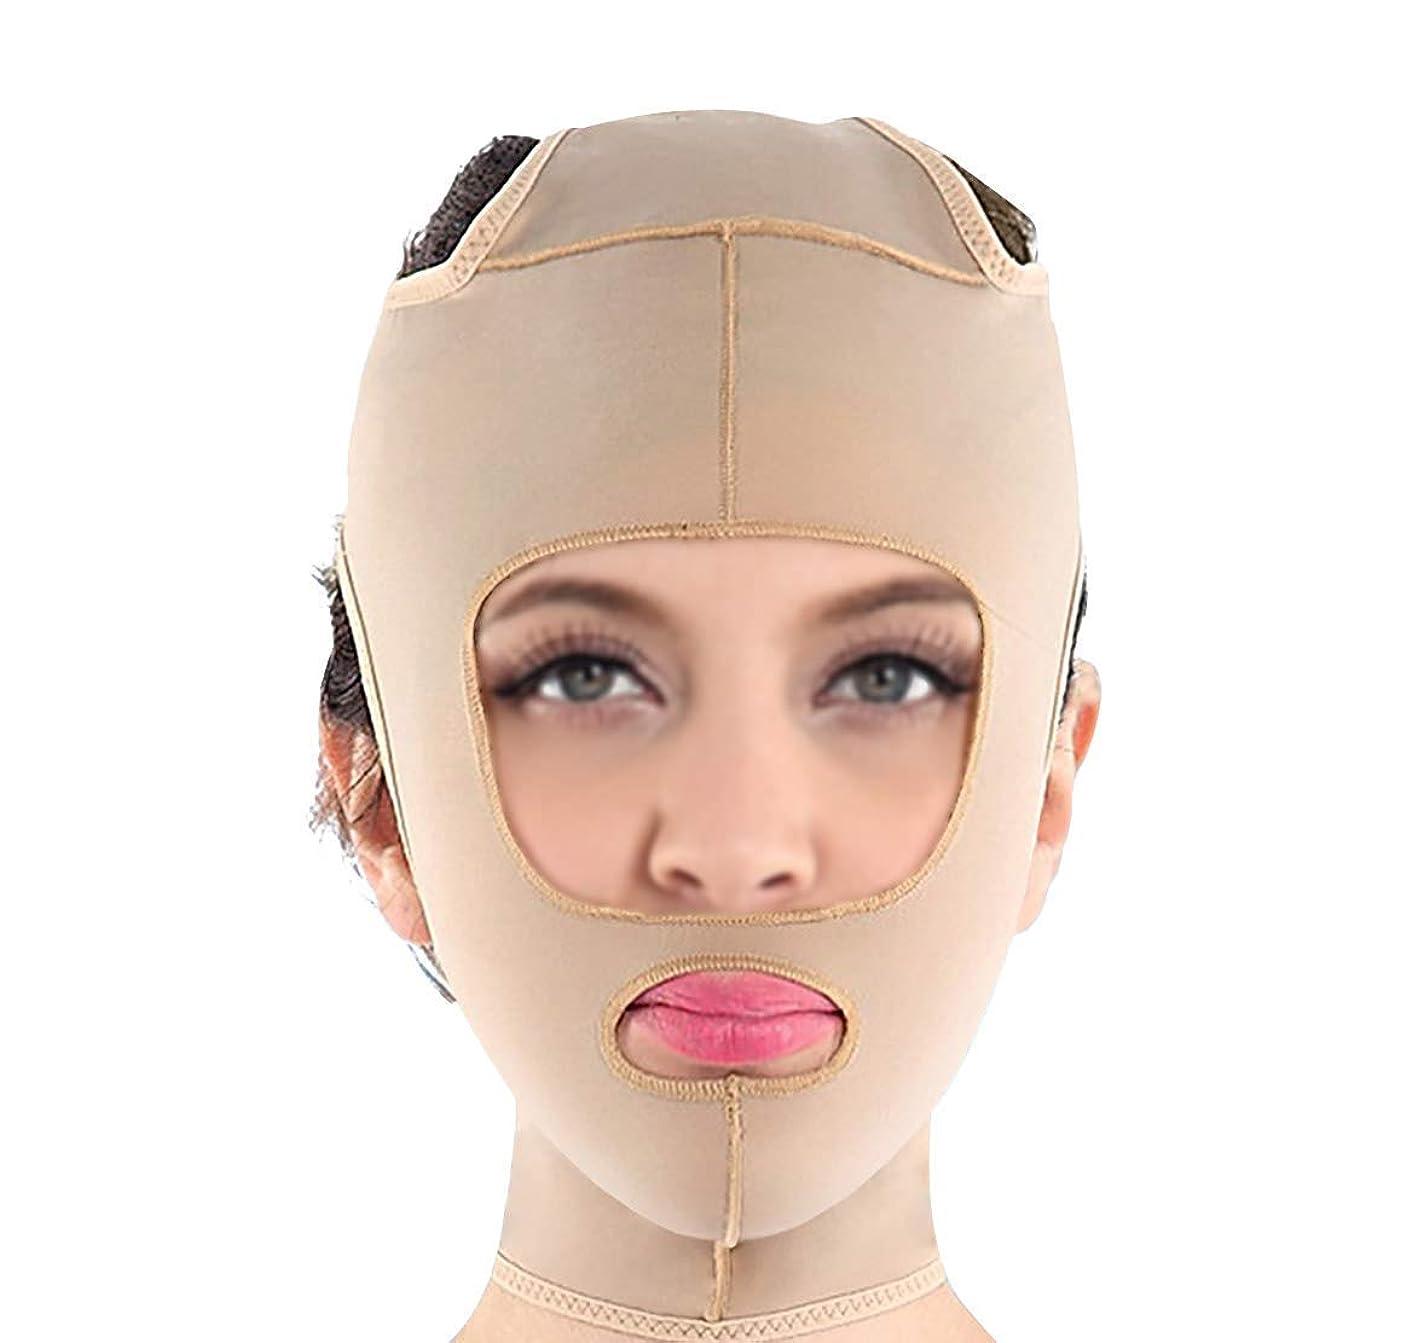 ファンブル魅力模倣包帯vフェイス楽器フェイスマスクマジックフェイスフェイシャル引き締めフェイシャルマッサージフェイシャルリンクルリフティング引き締めプラスチックマスク(サイズ:Xl),M